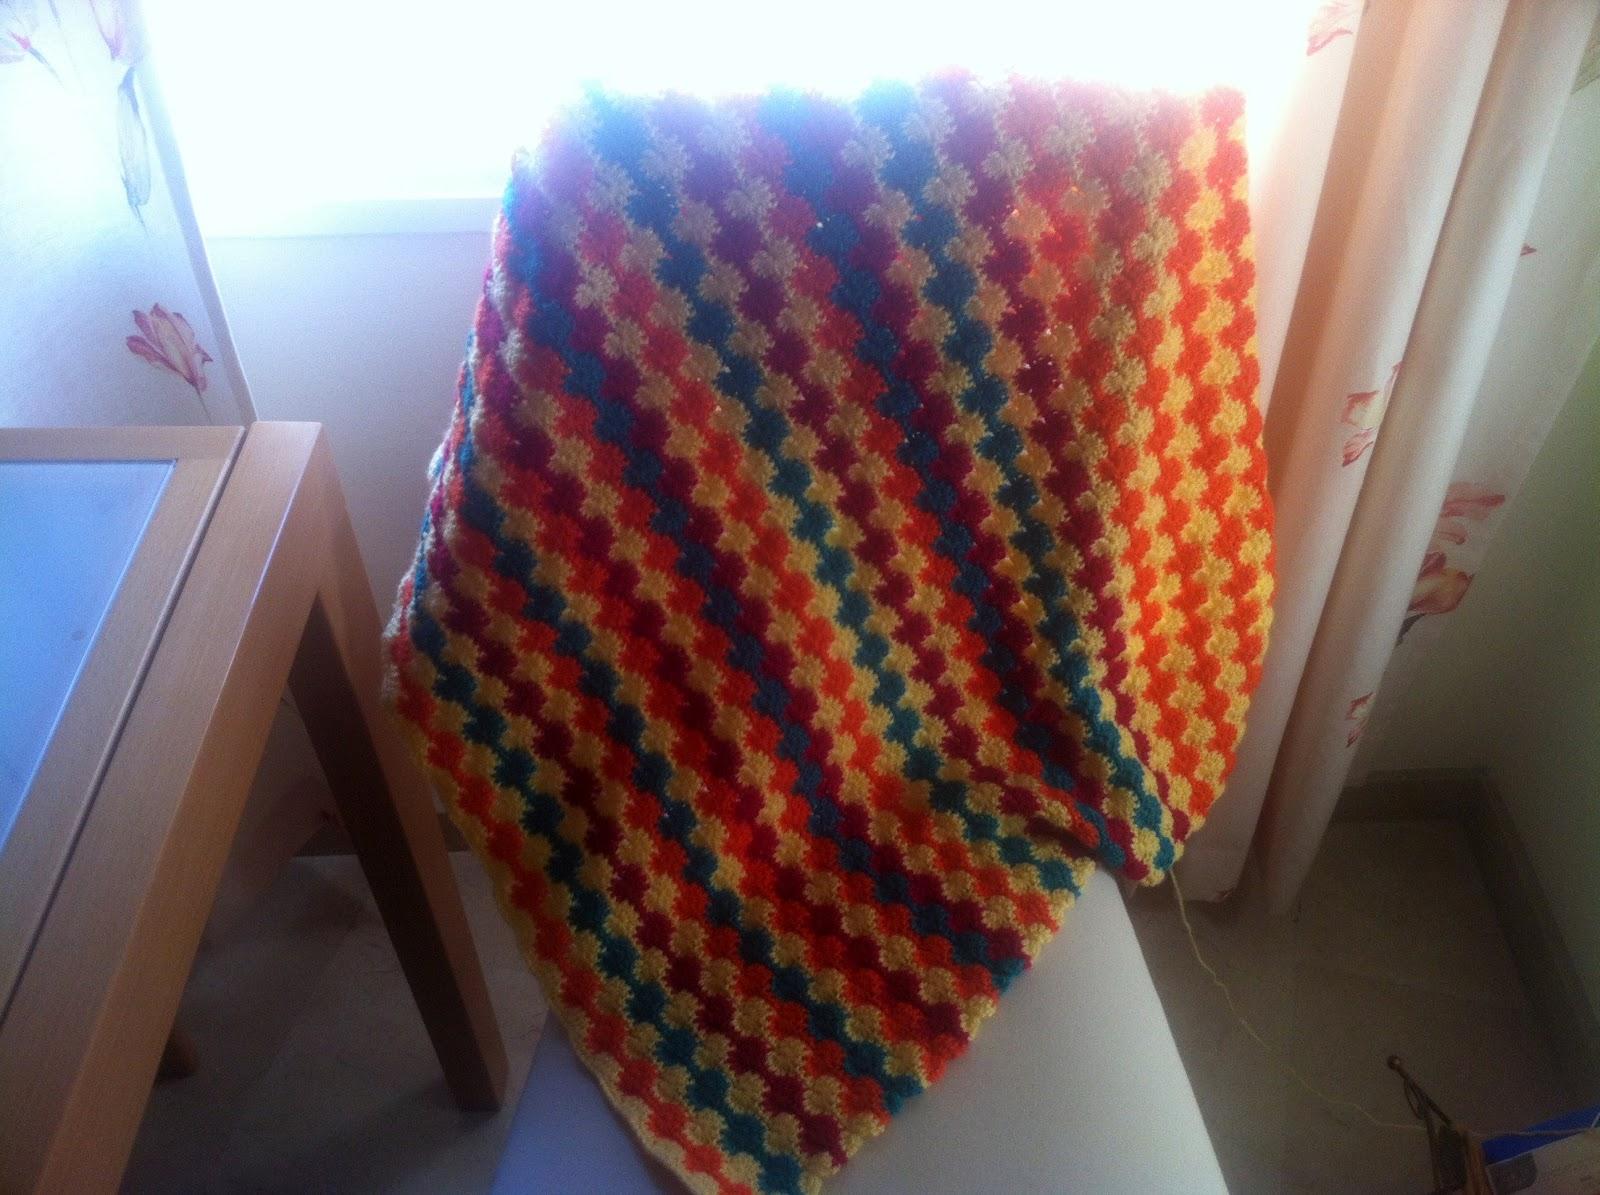 Patrones para mantas a crochet imagui - Patrones de mantas a crochet ...